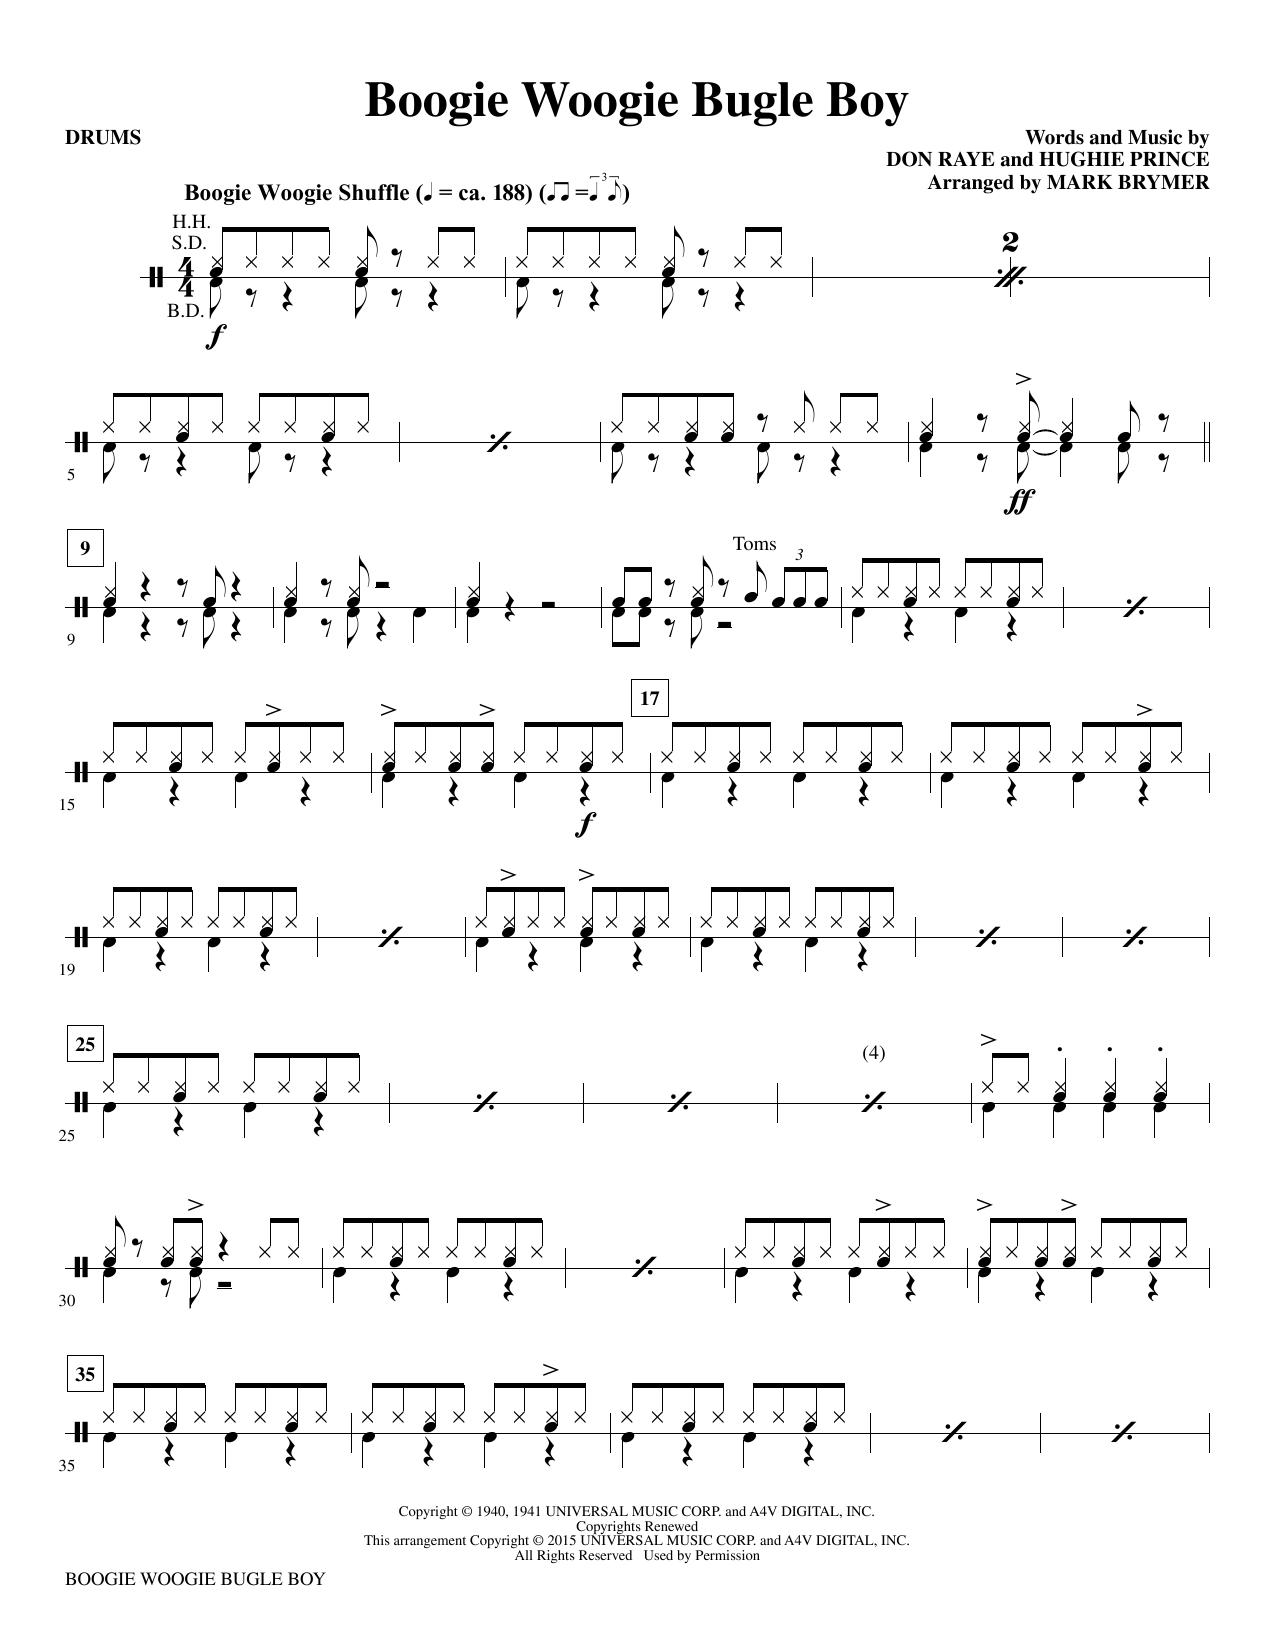 Boogie Woogie Bugle Boy - Drums Sheet Music